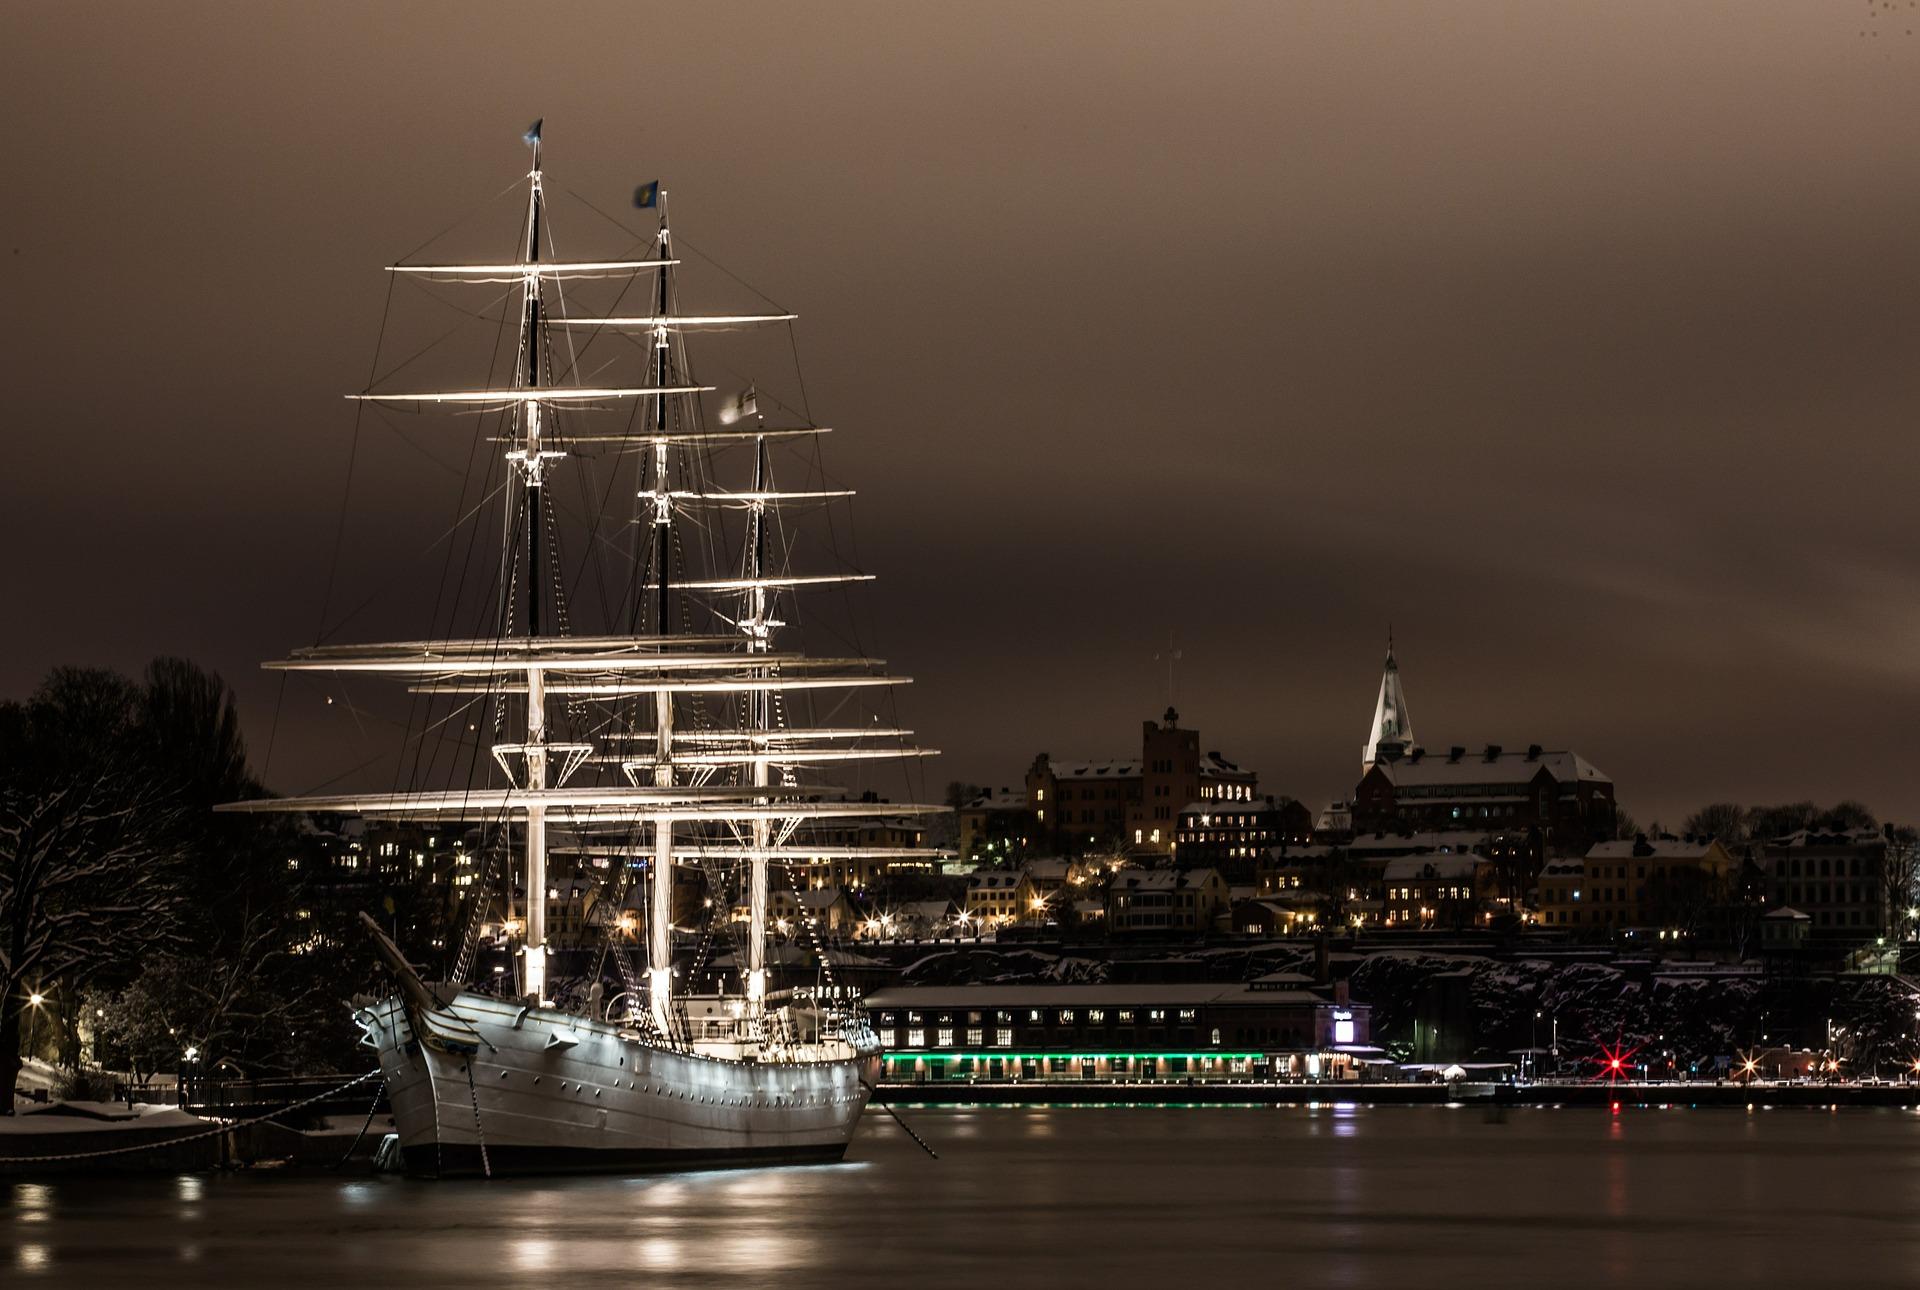 barco, noche, estocolmo, navegar, puerto - Fondos de Pantalla HD - professor-falken.com